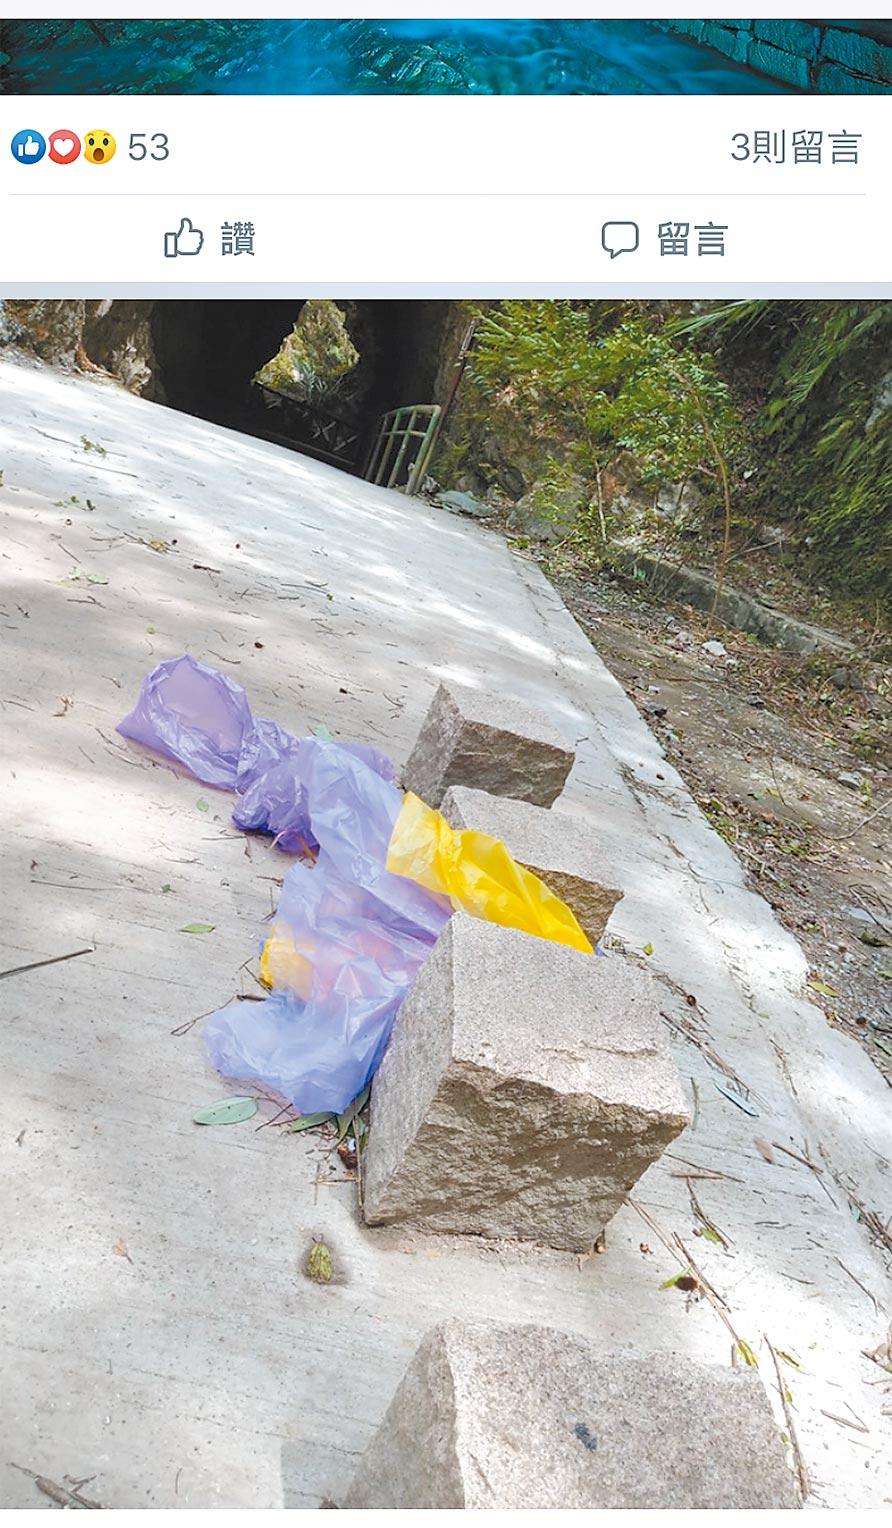 太魯閣國家公園裡的水濂洞,被臉書po出,洞口平台處,處處可見丟棄的雨衣還有垃圾。(翻攝影片畫面)